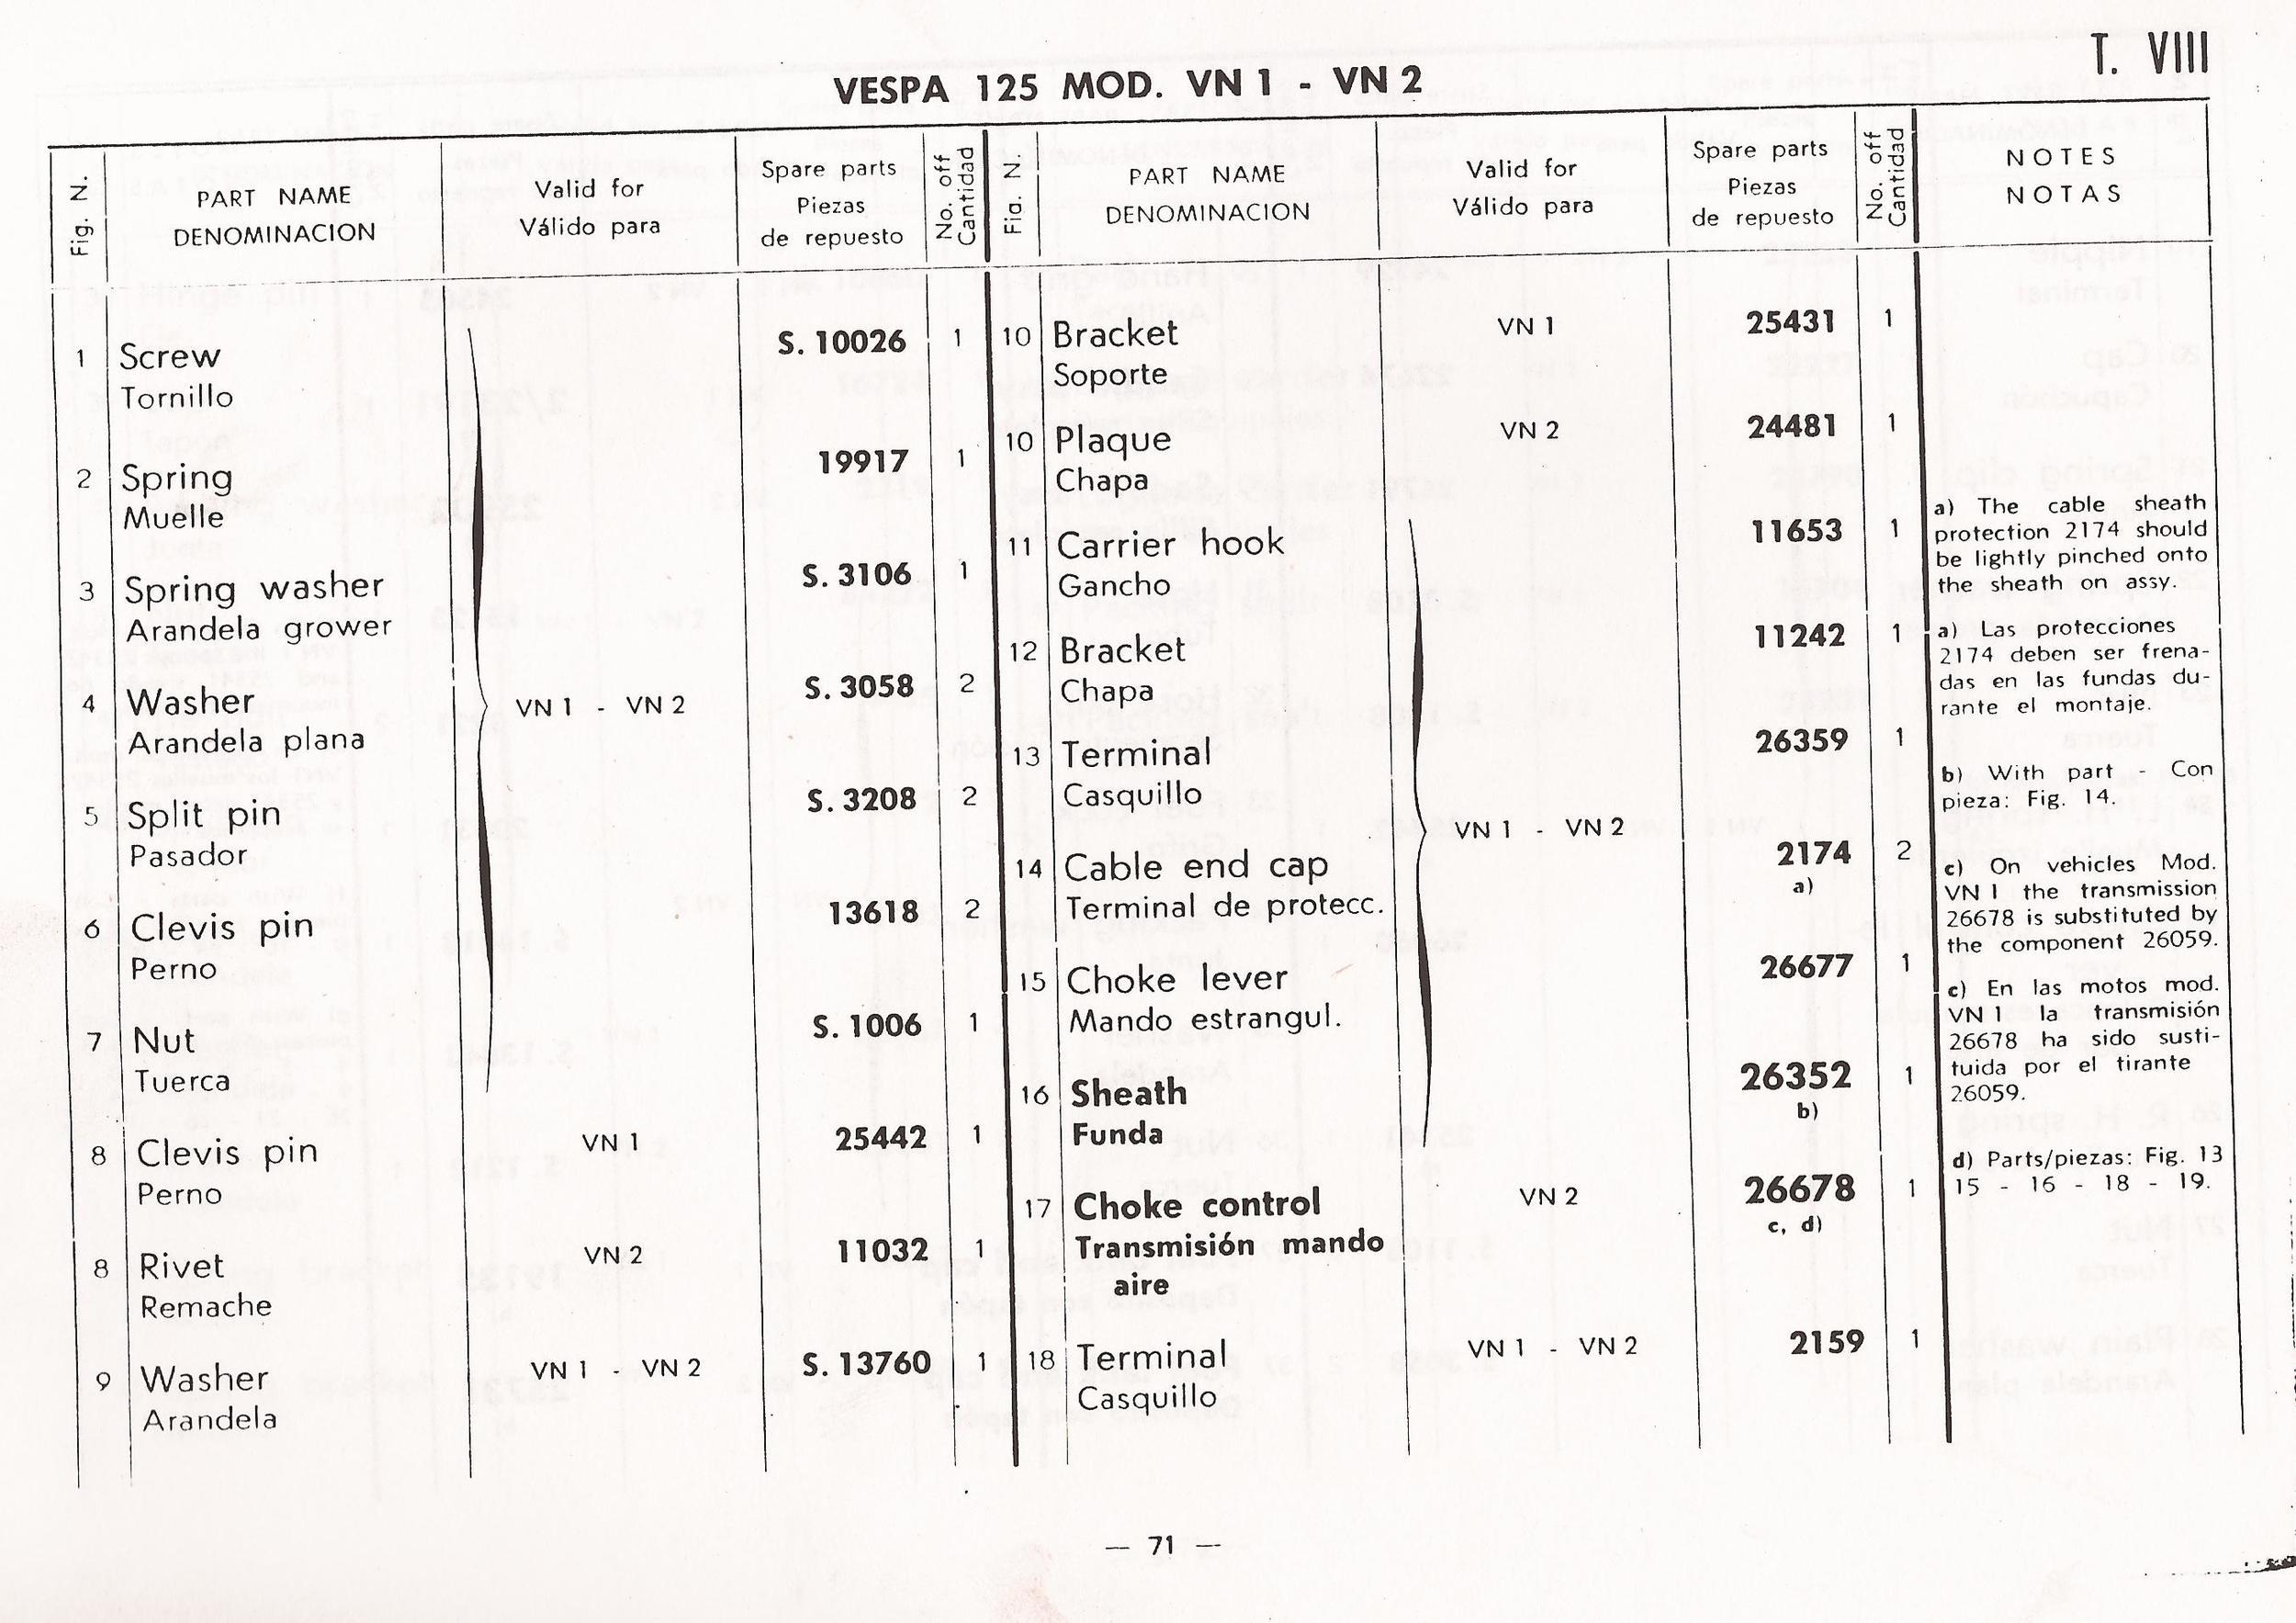 07-16-2013 vespa 125 catalog manuel 76.jpg